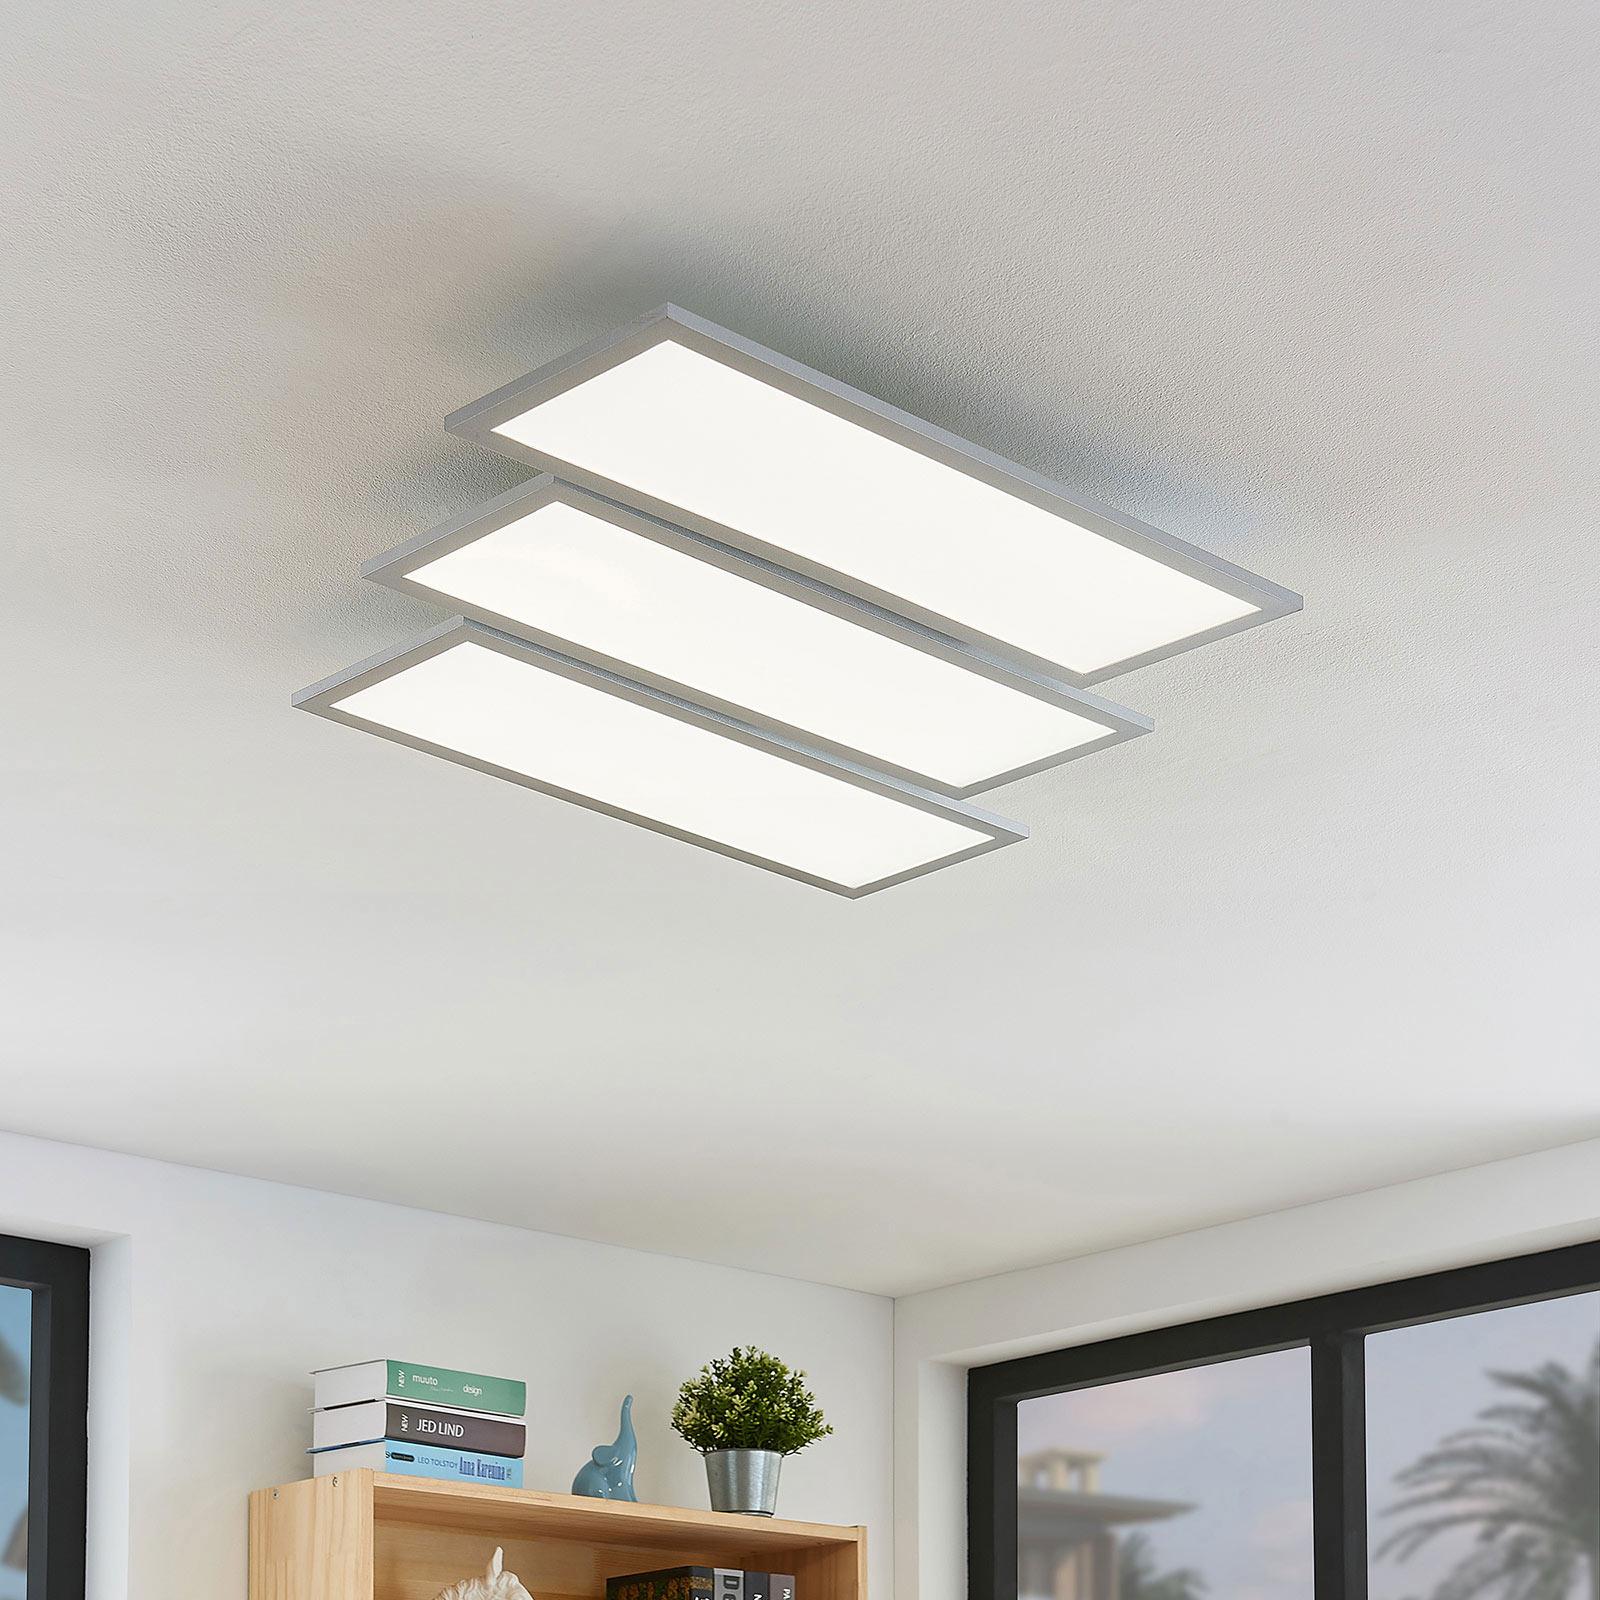 LED plafondlamp Florin, dimbaar, CCT, 3 lampjes